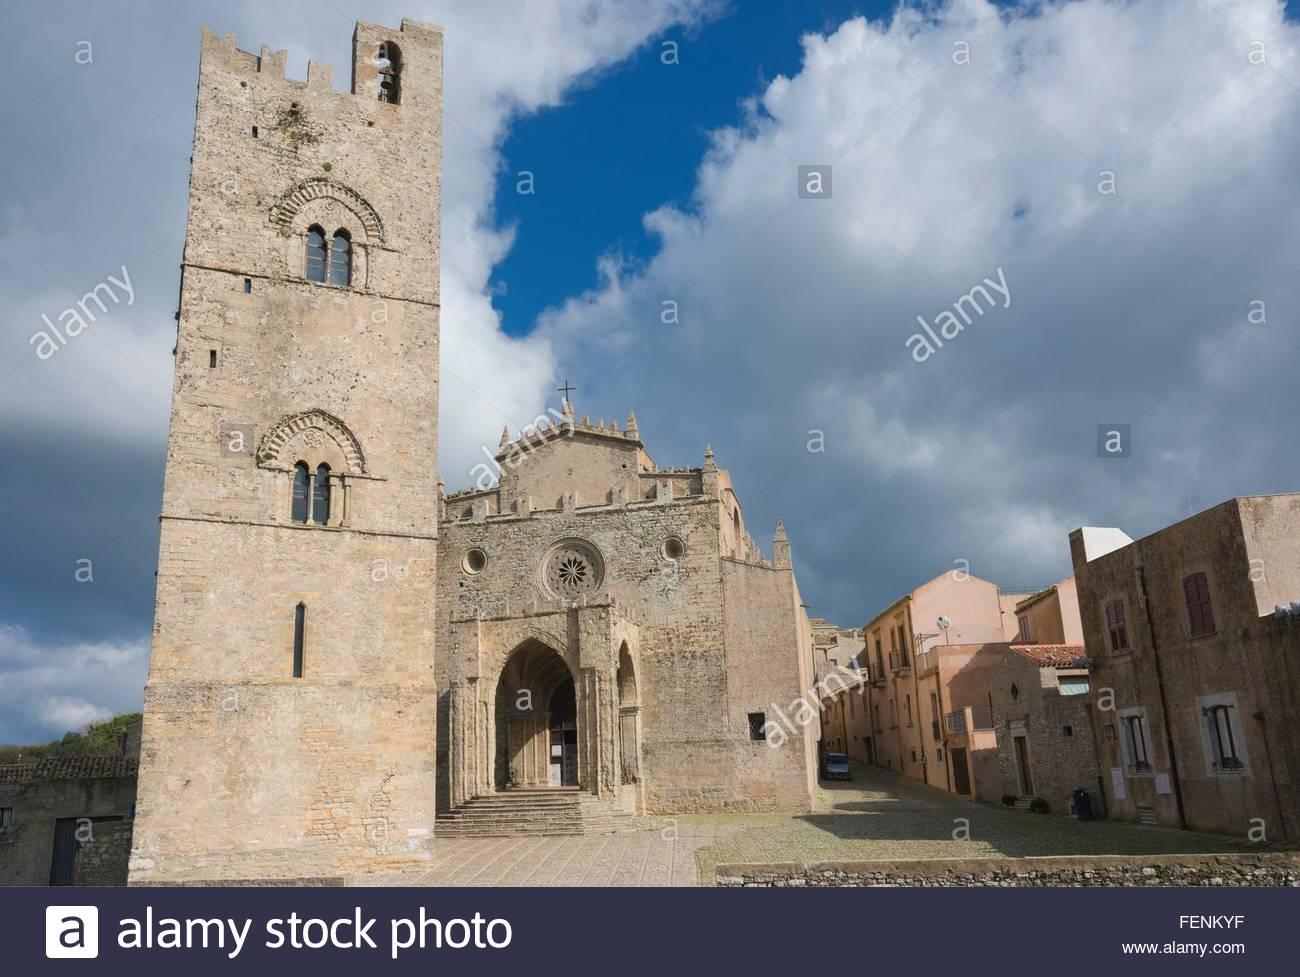 Der Duomo, Erice, Sizilien, Italien Stockbild